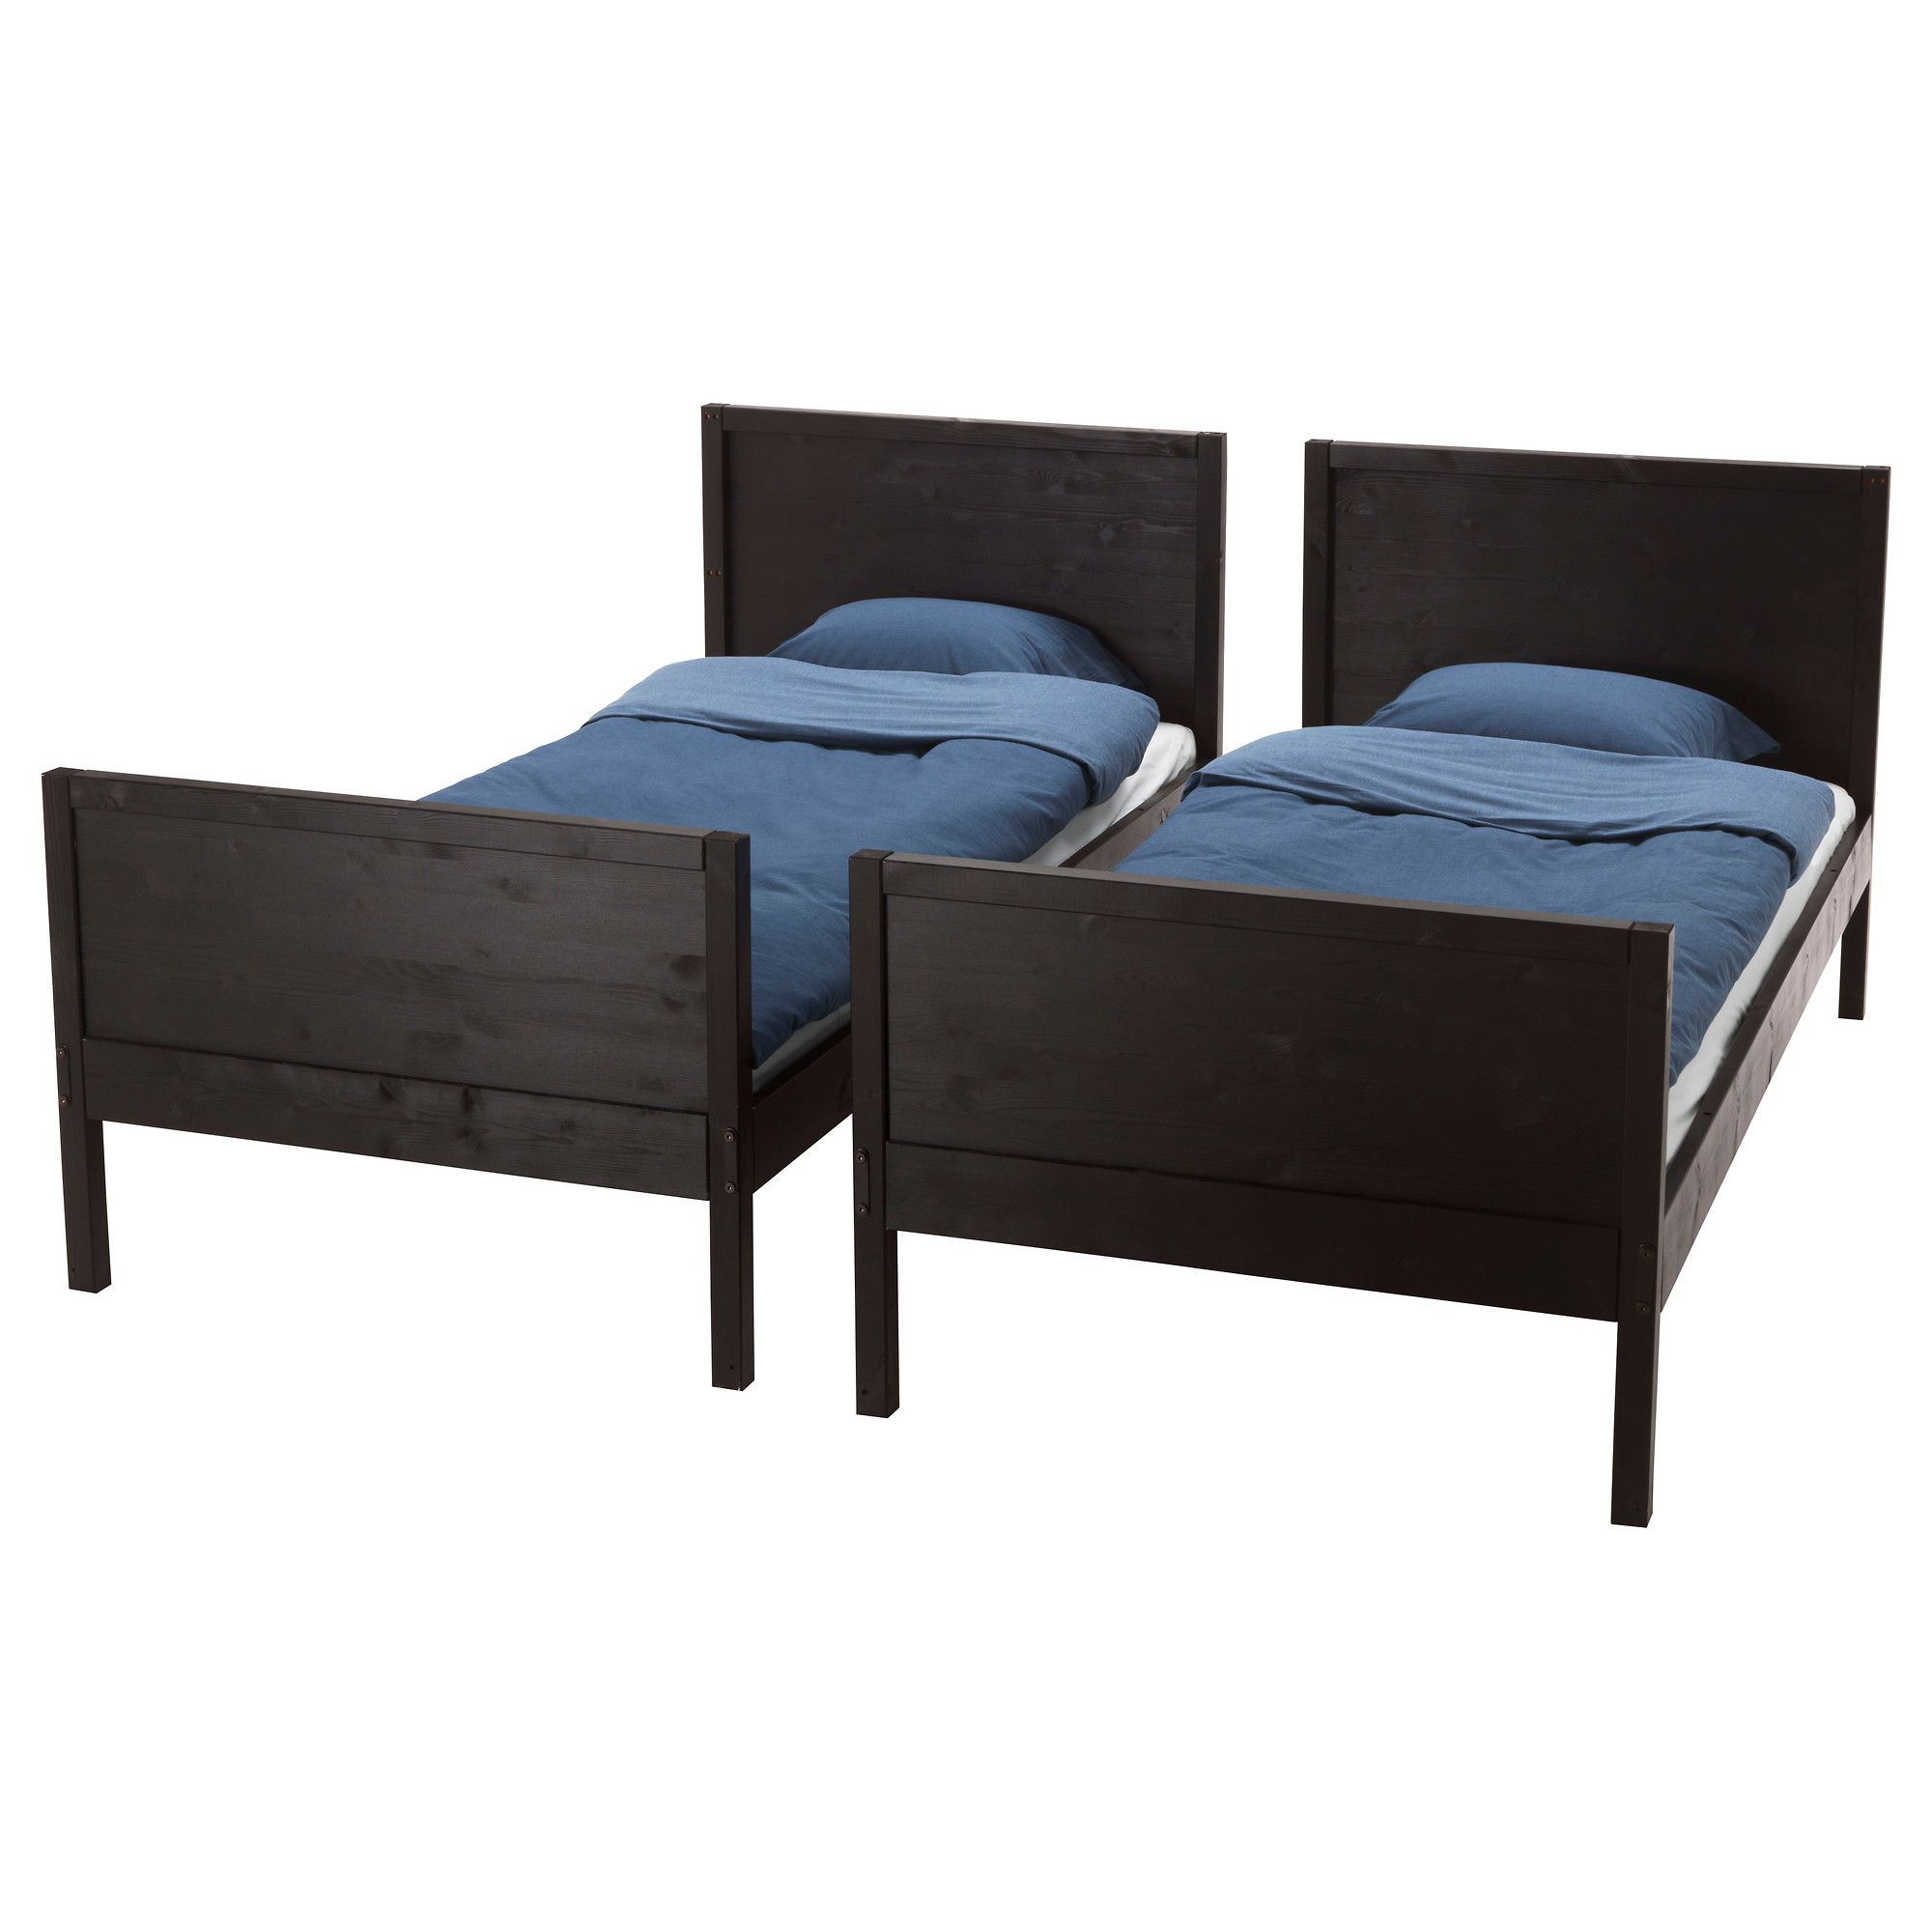 Best Ikea Norddal Bunk Bed Frame Black Brown Bed Frame 400 x 300